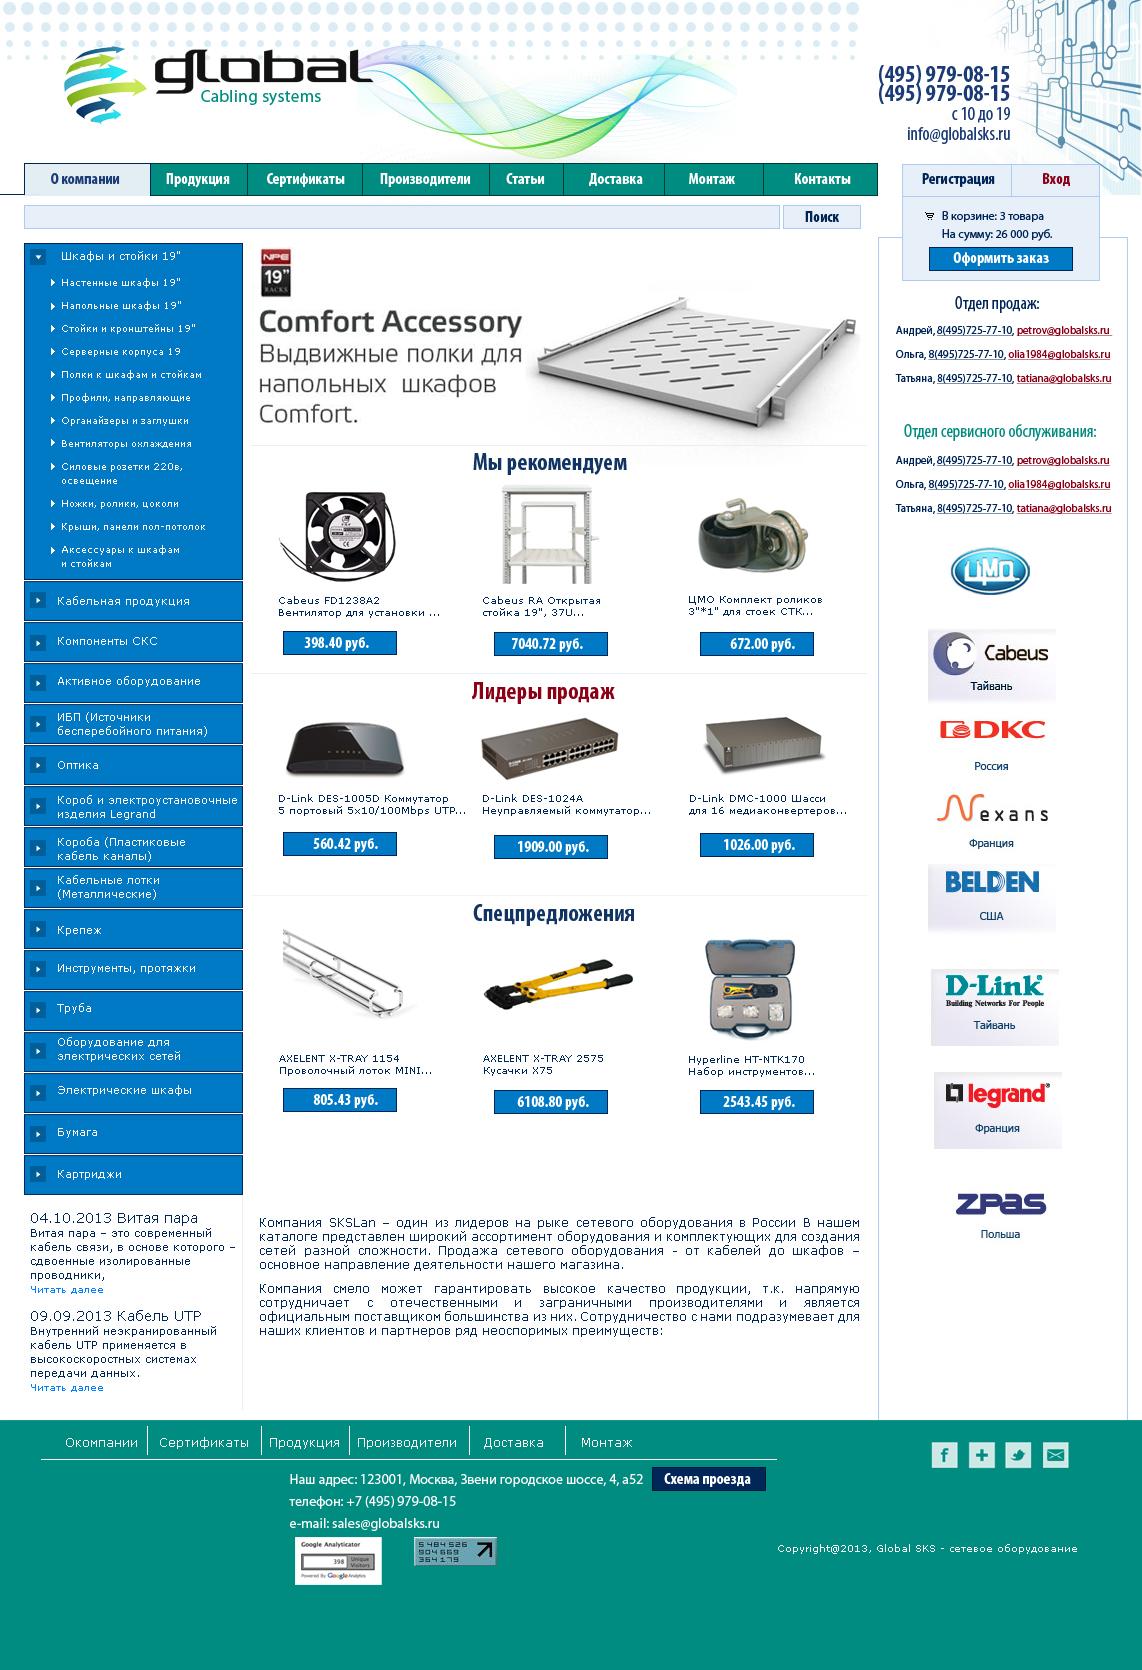 """Интернет-магазин сетевого оборудования """"Global cabling systems"""""""